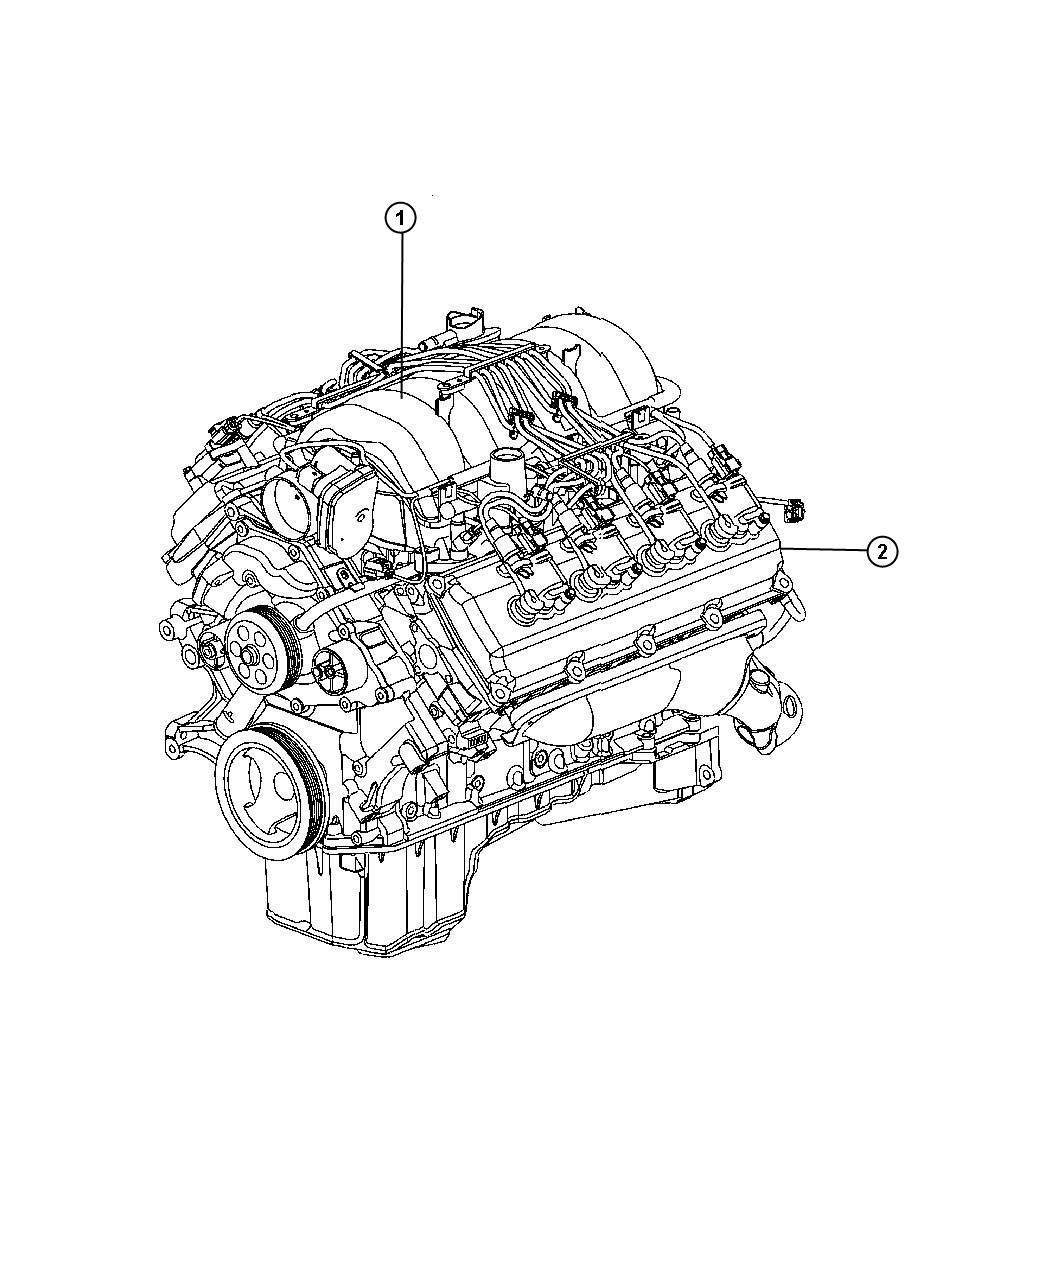 Chrysler 300 Engine Long Block Brazil Oil Pan